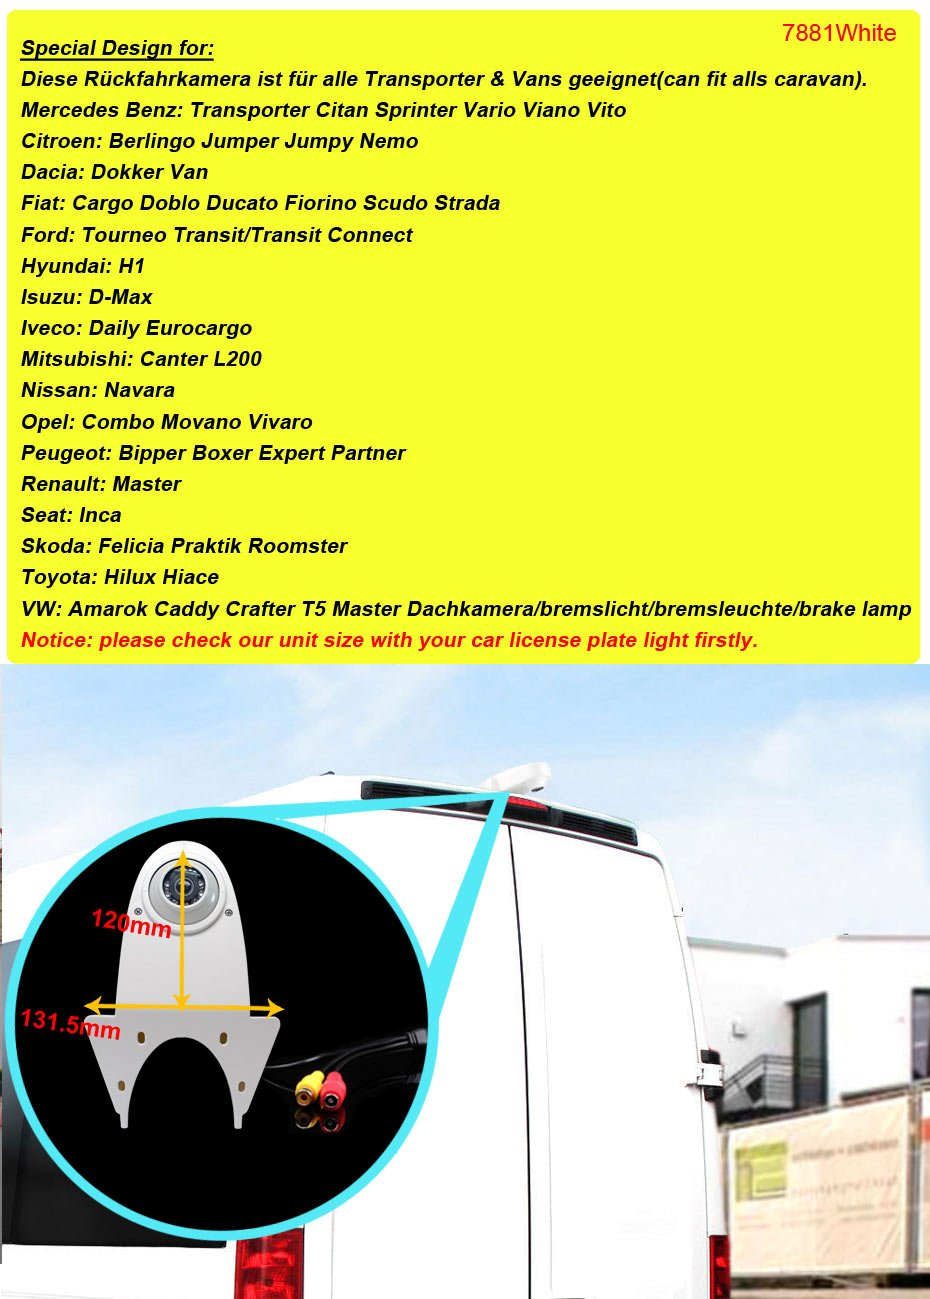 Kalakus-Rckfahrkamera-Universal-Bremslicht-Kamera-integriert-in-3-Bremsleuchte-Rckfahrsystem-fr-Transport-Van-Mercedes-Sprinter-Viano-Vito-Transit-Ducato-VW-Crafter-T5-Renault-Master-Opel-Vivaro